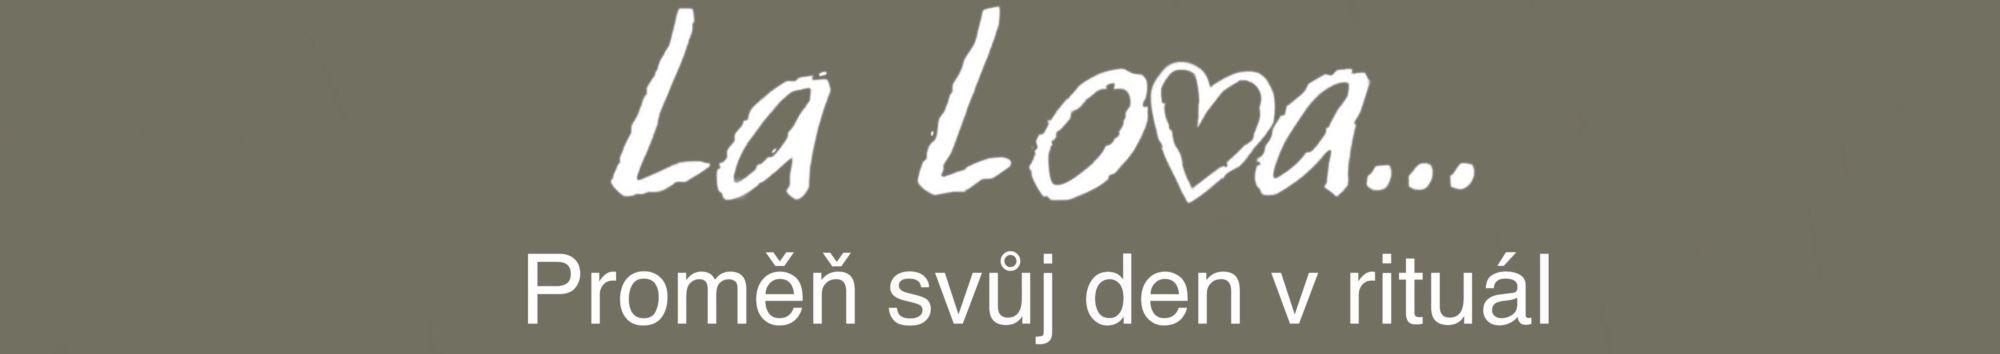 lalova